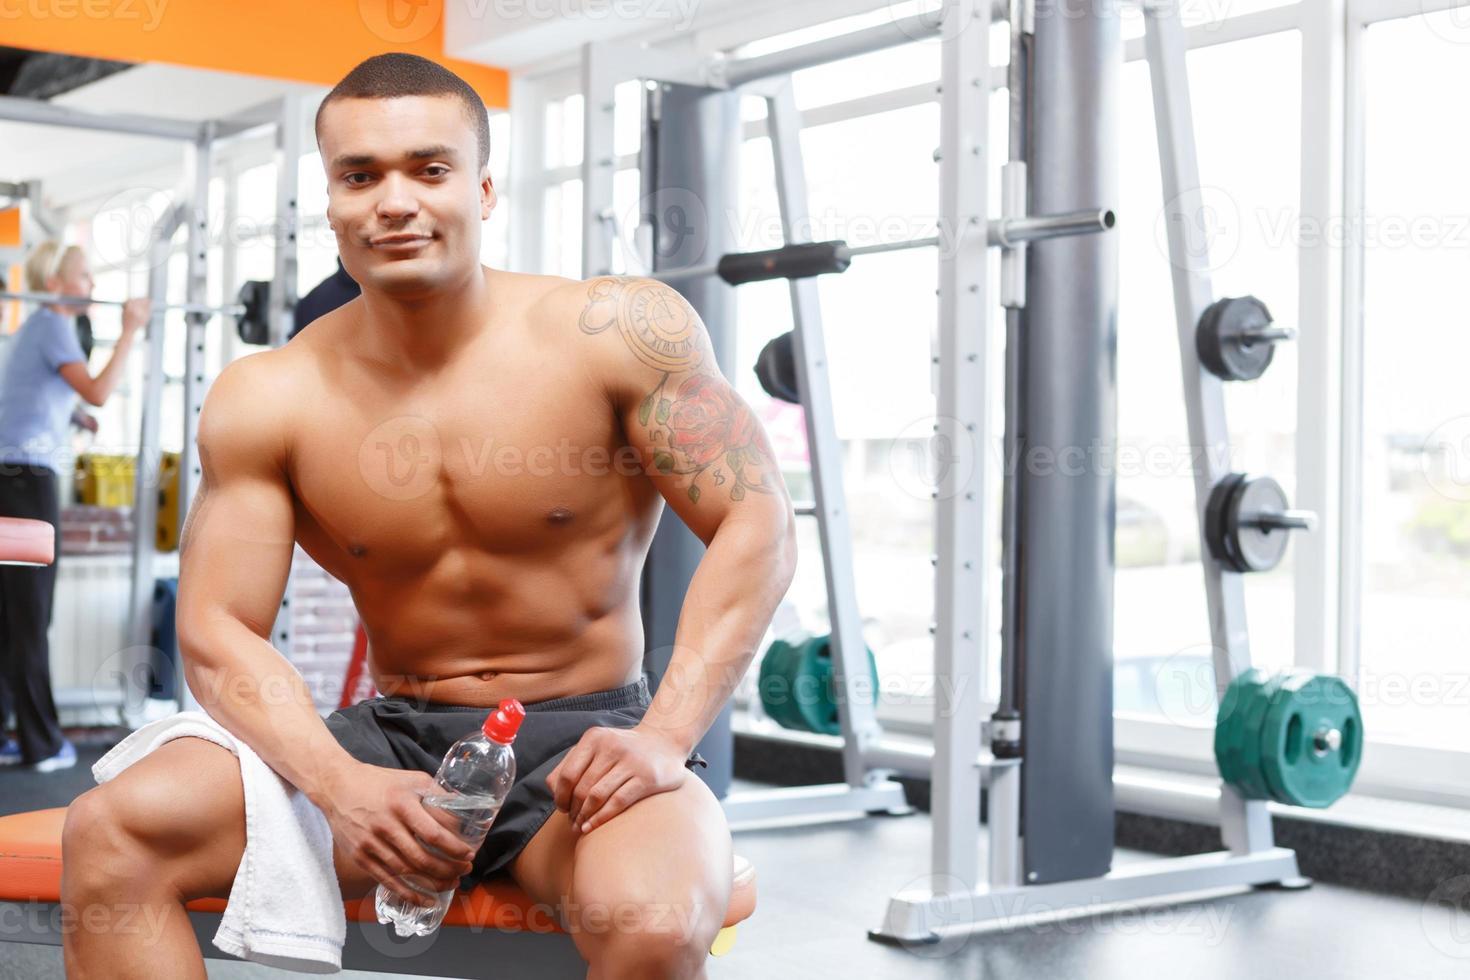 man sitter med flaska och handduk i gymmet foto